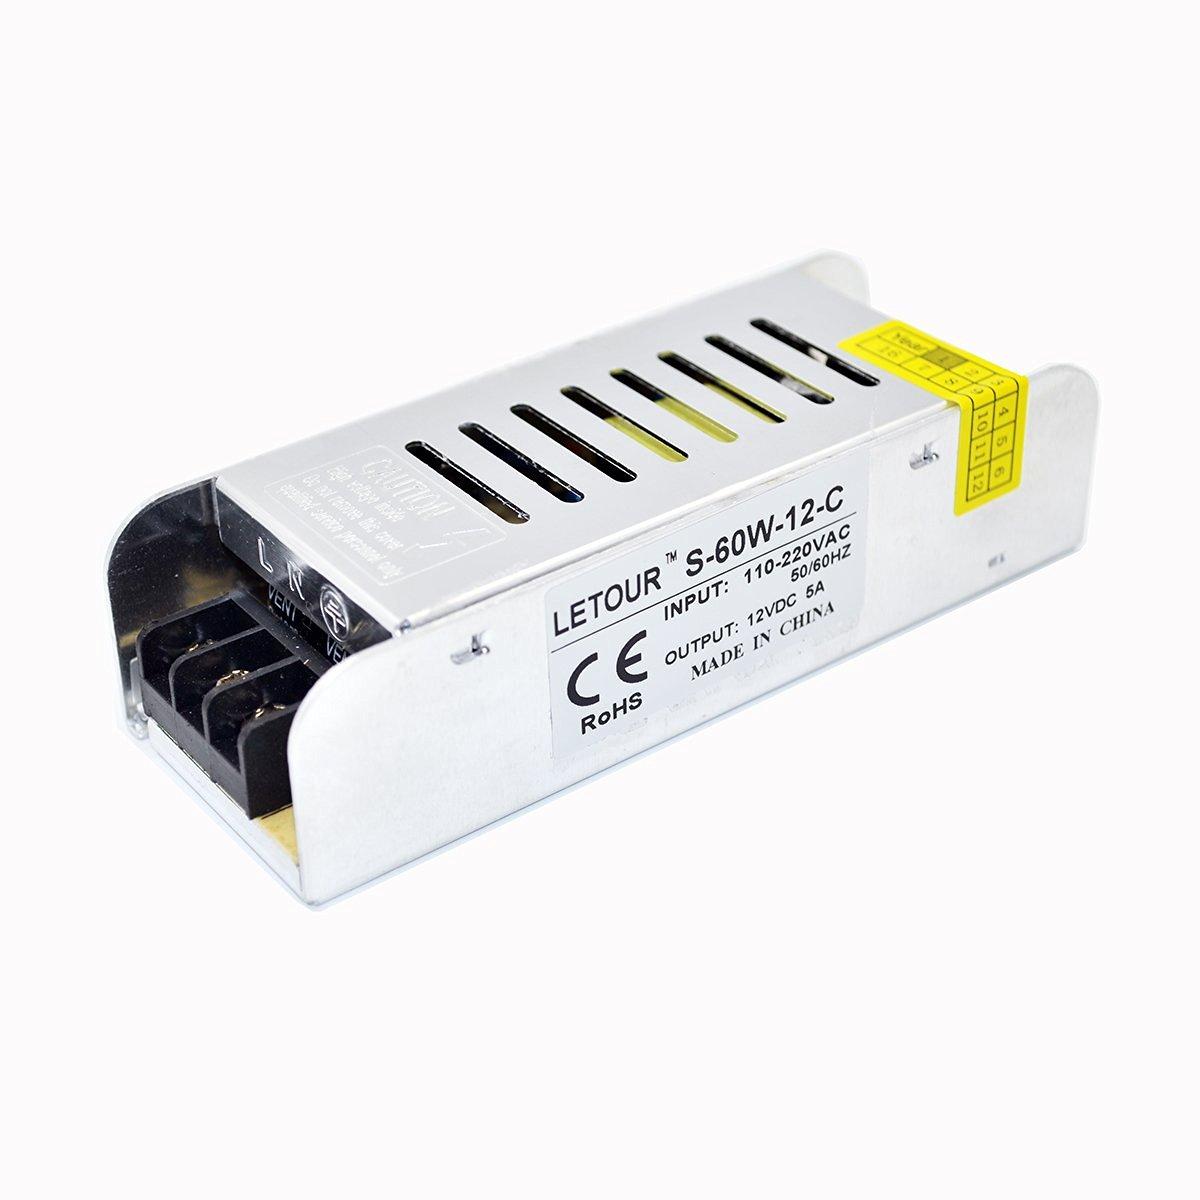 Letour New Size LED Power Supply 12V 5A AC 96V-240V Converter Adapter DC S-60W-12-C Power Supply for LED Lighting,LED Strip,CCTV